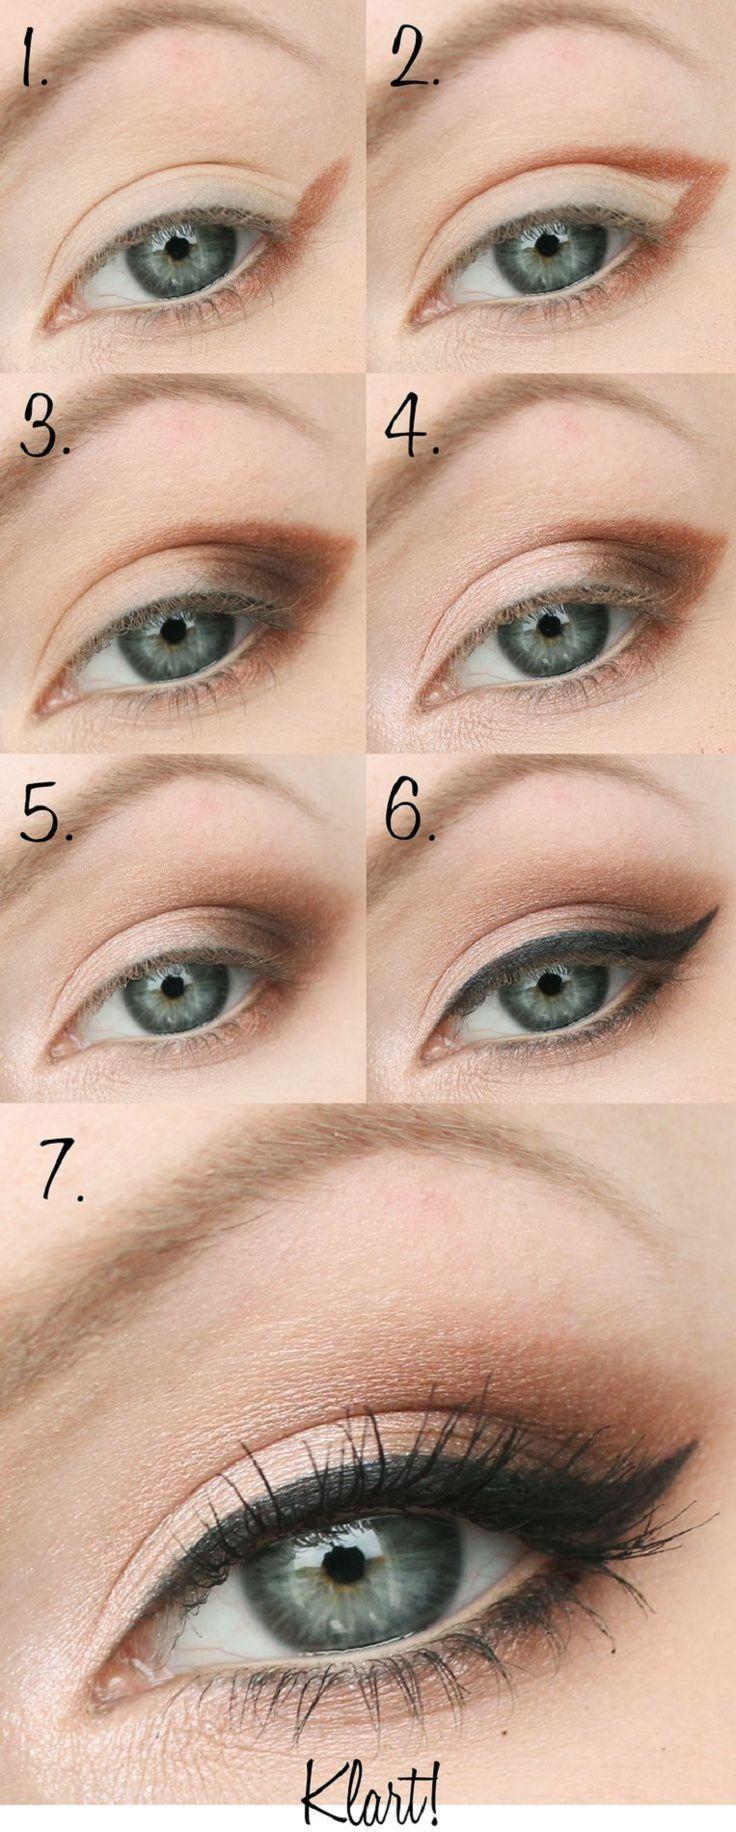 Coucou les filles ! Vous voulez avoir de beaux yeux ? Astuces de Filles vous apporte quelques tutos idéaux pour apprendre rapidement et simplement quelques astuces qui feront de vos...